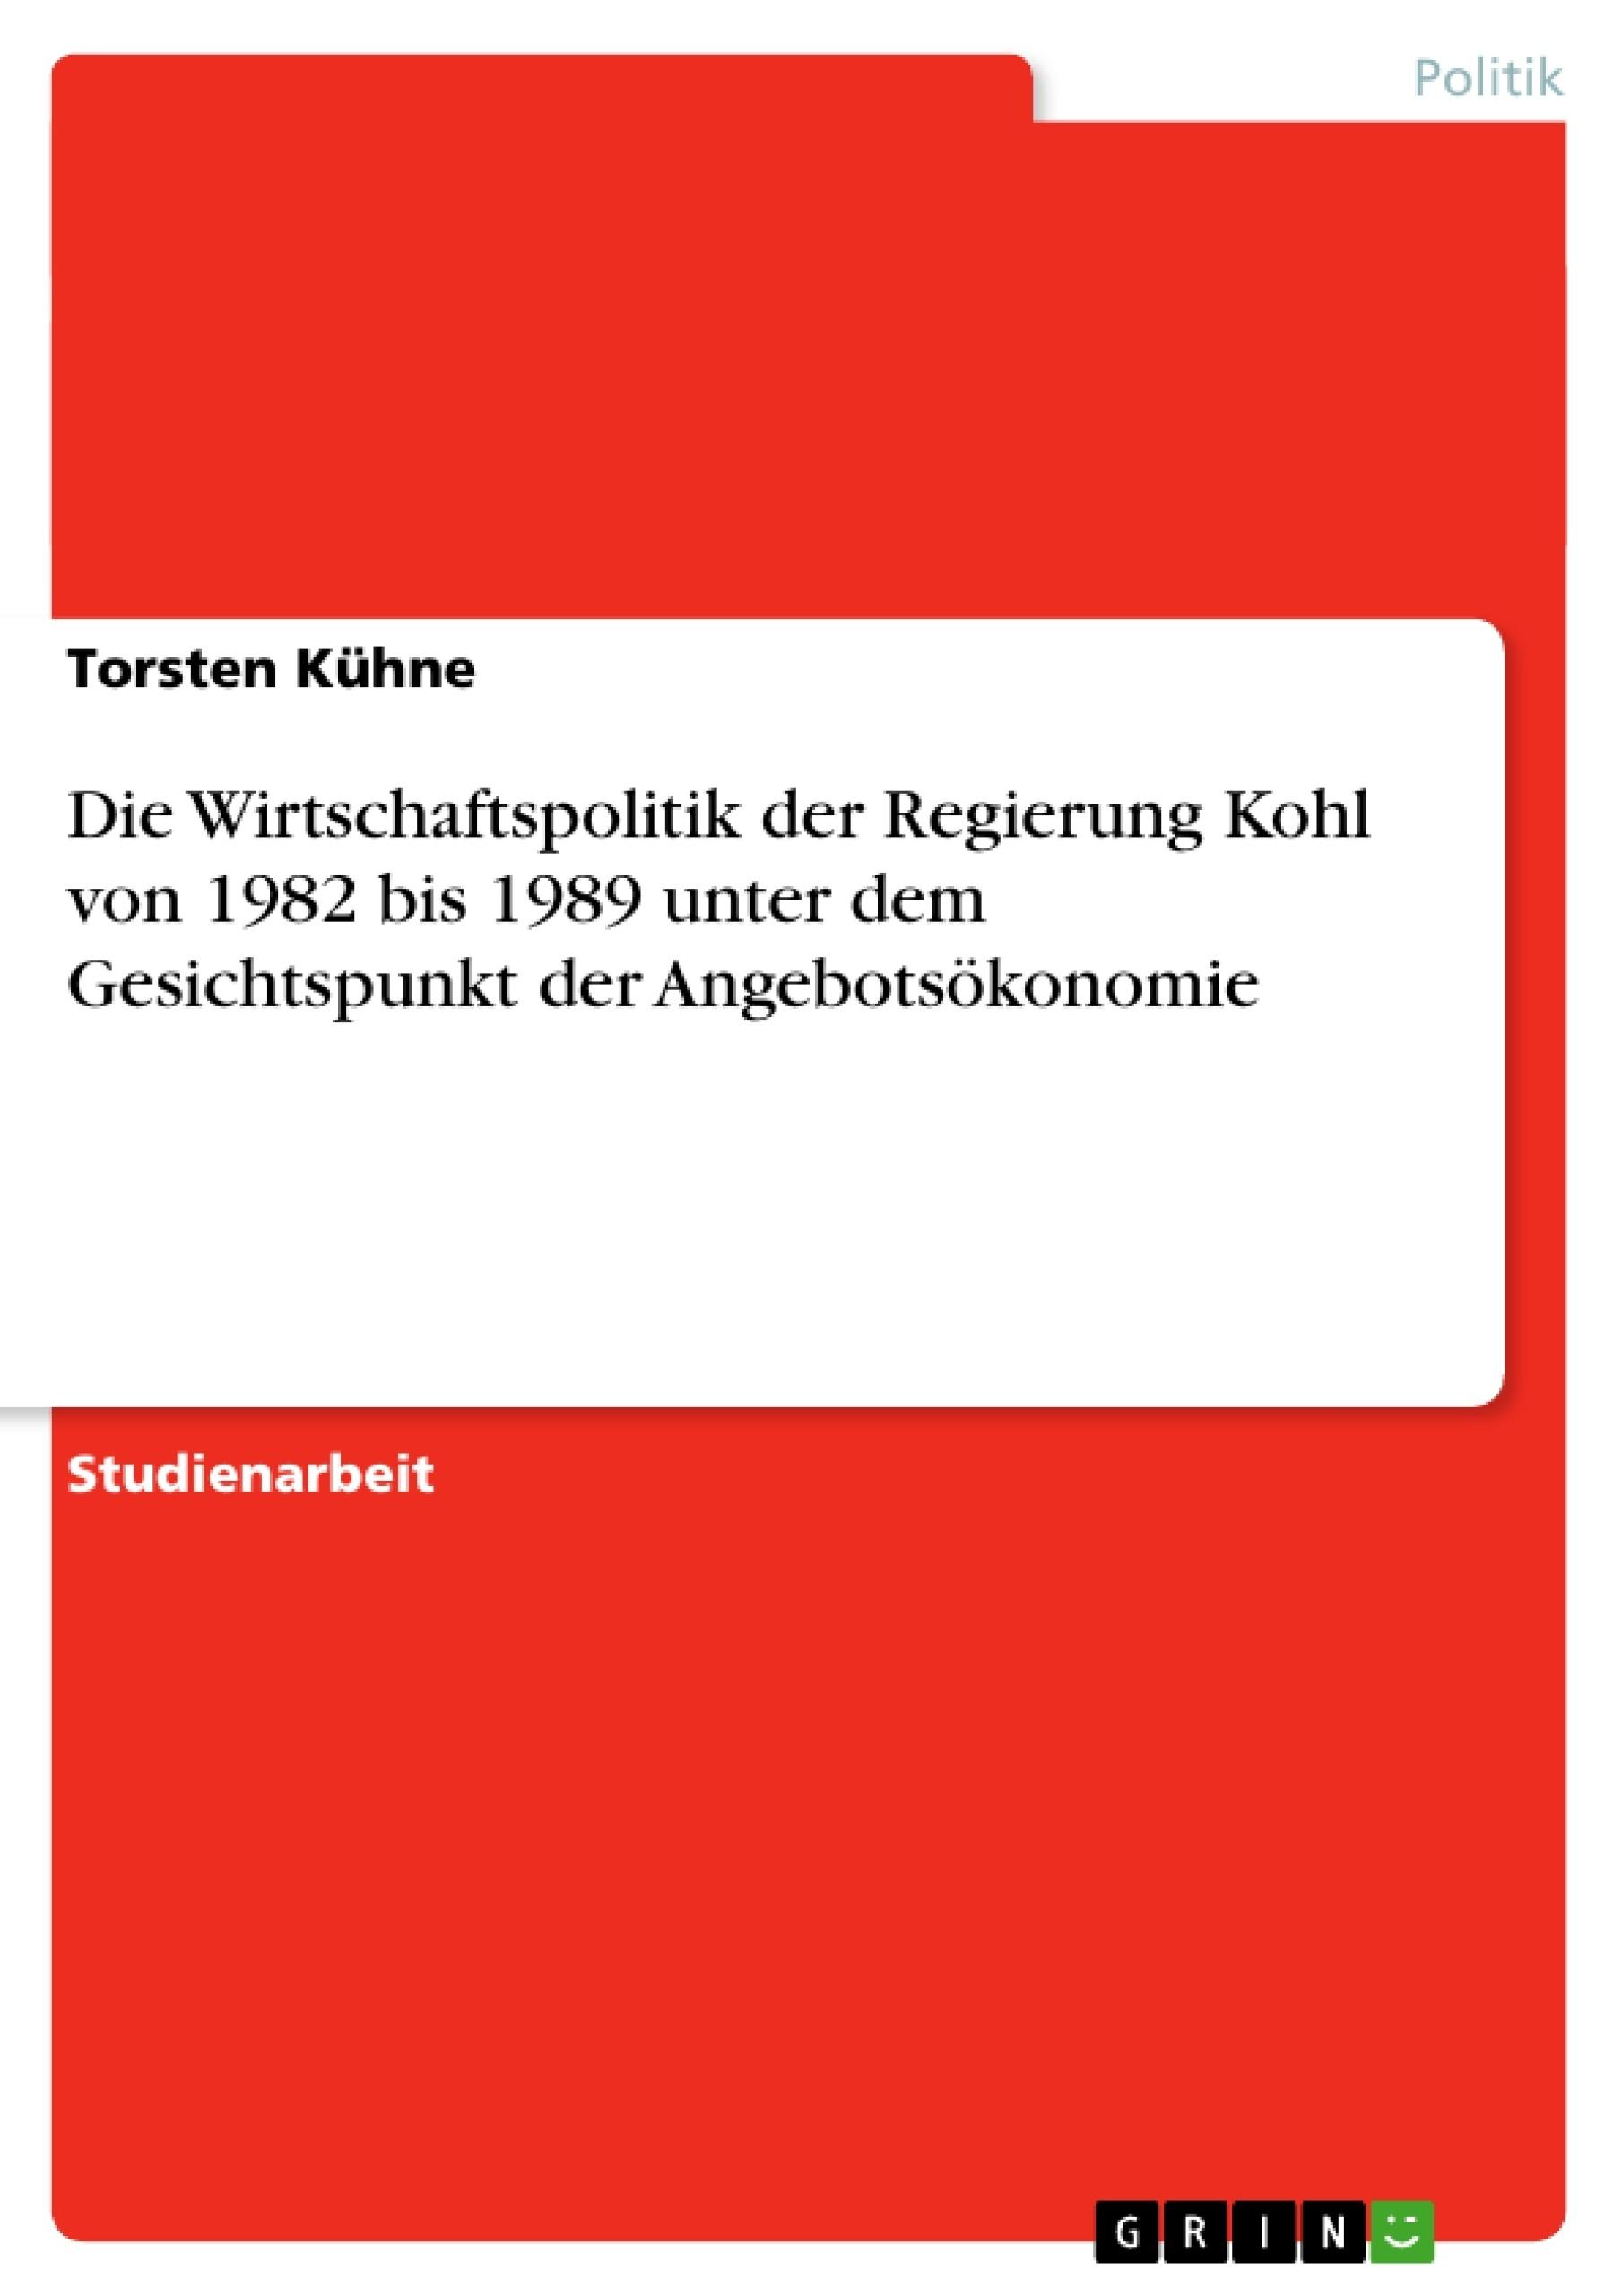 Titel: Die Wirtschaftspolitik der Regierung Kohl von 1982 bis 1989 unter dem Gesichtspunkt der Angebotsökonomie